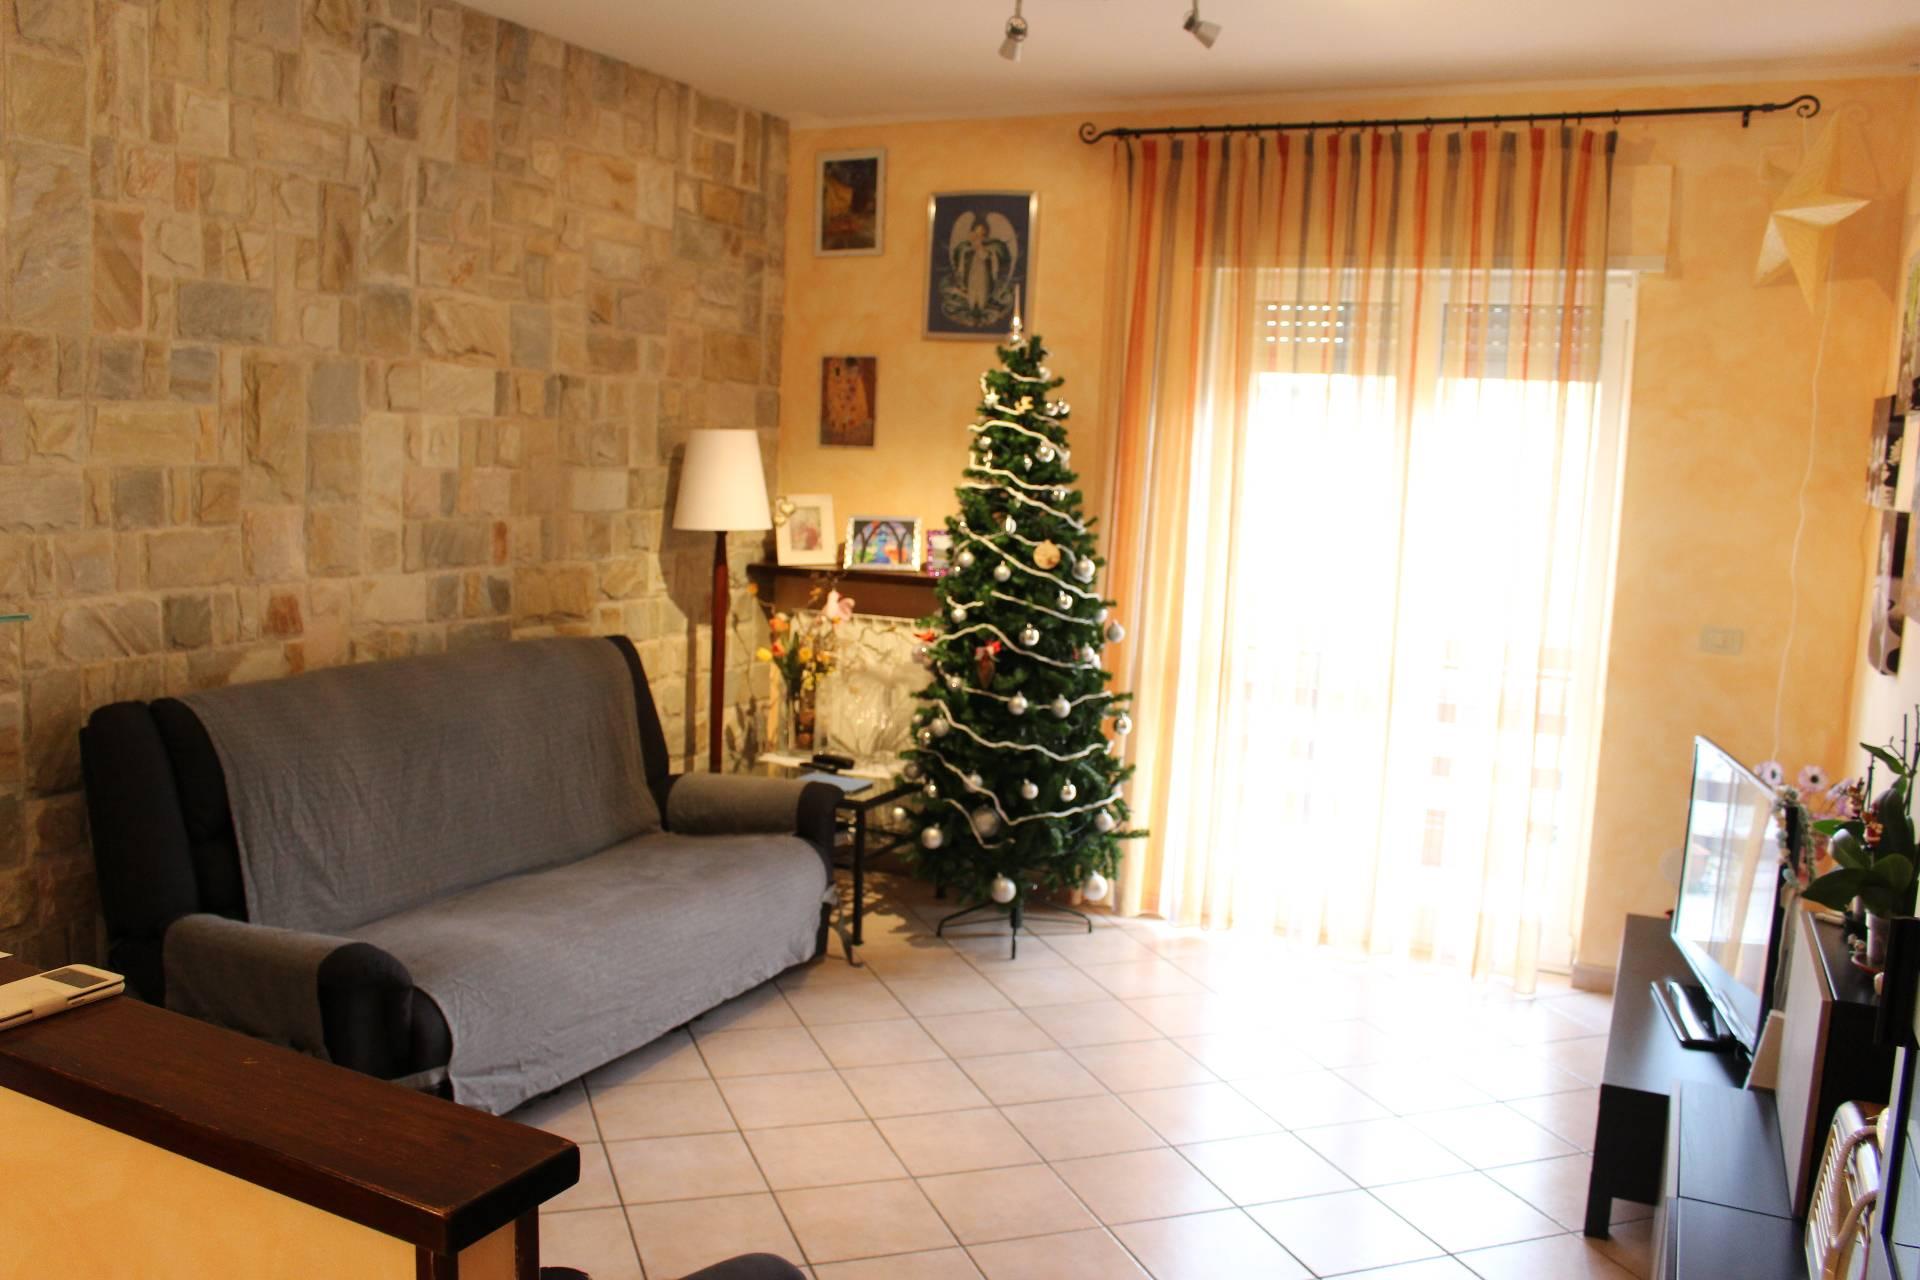 Appartamento in vendita a Ronchi dei Legionari, 4 locali, prezzo € 89.000 | Cambio Casa.it